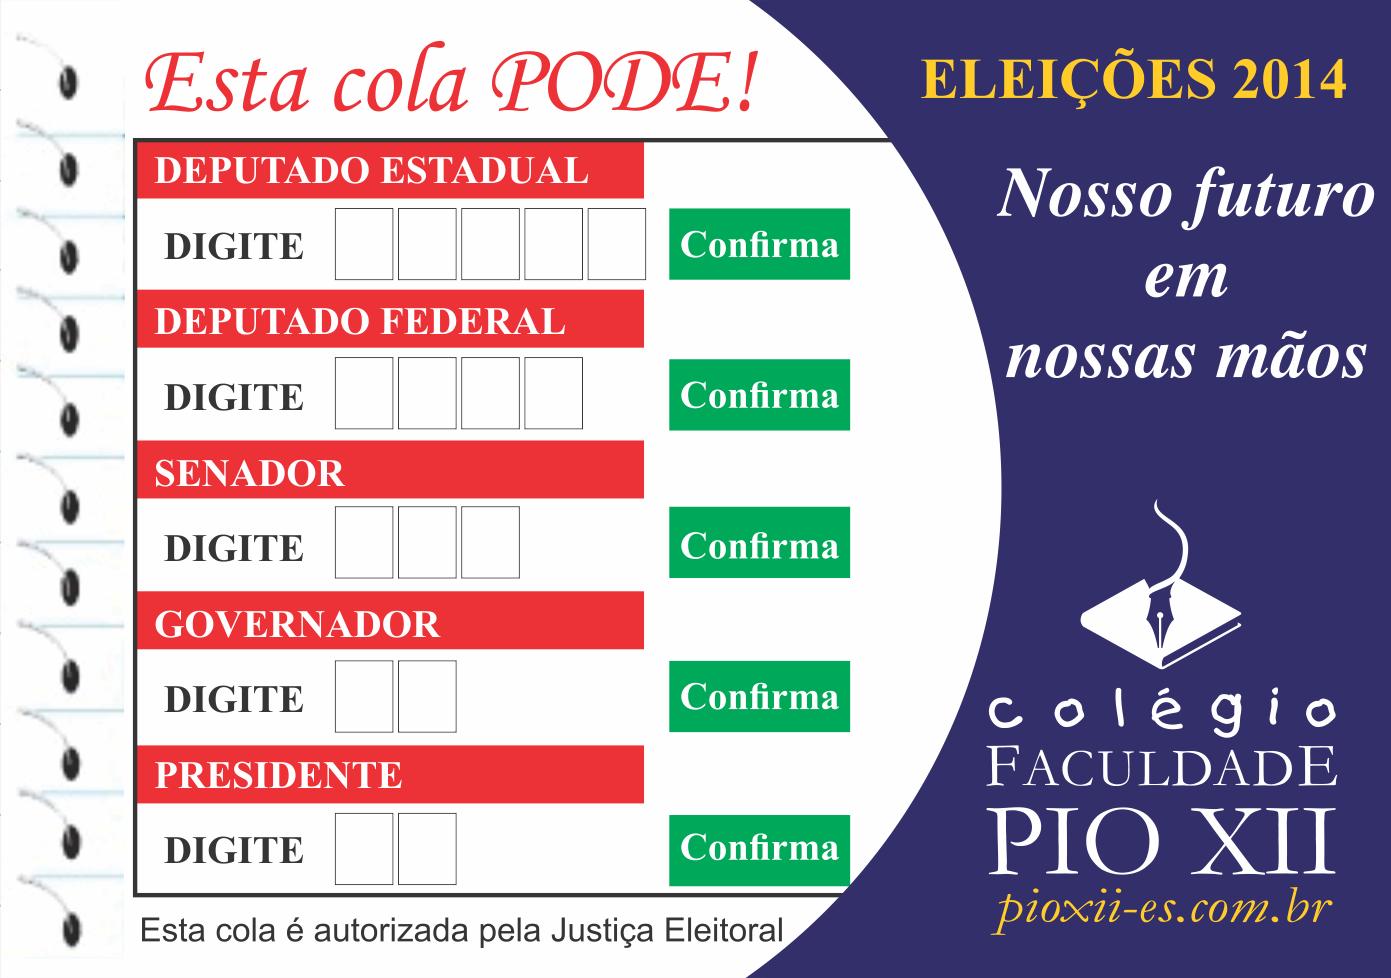 PIO XII distribui cola para auxiliar os eleitores na votação